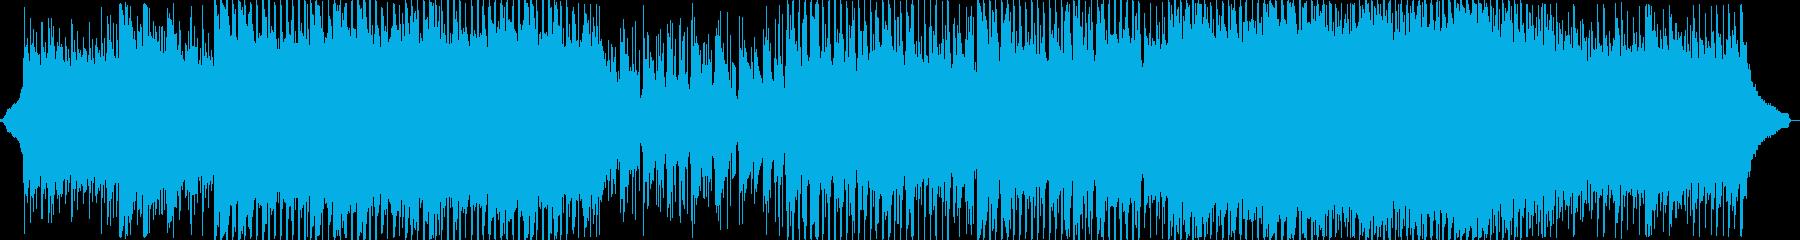 法人 サスペンス 技術的な 繰り返...の再生済みの波形